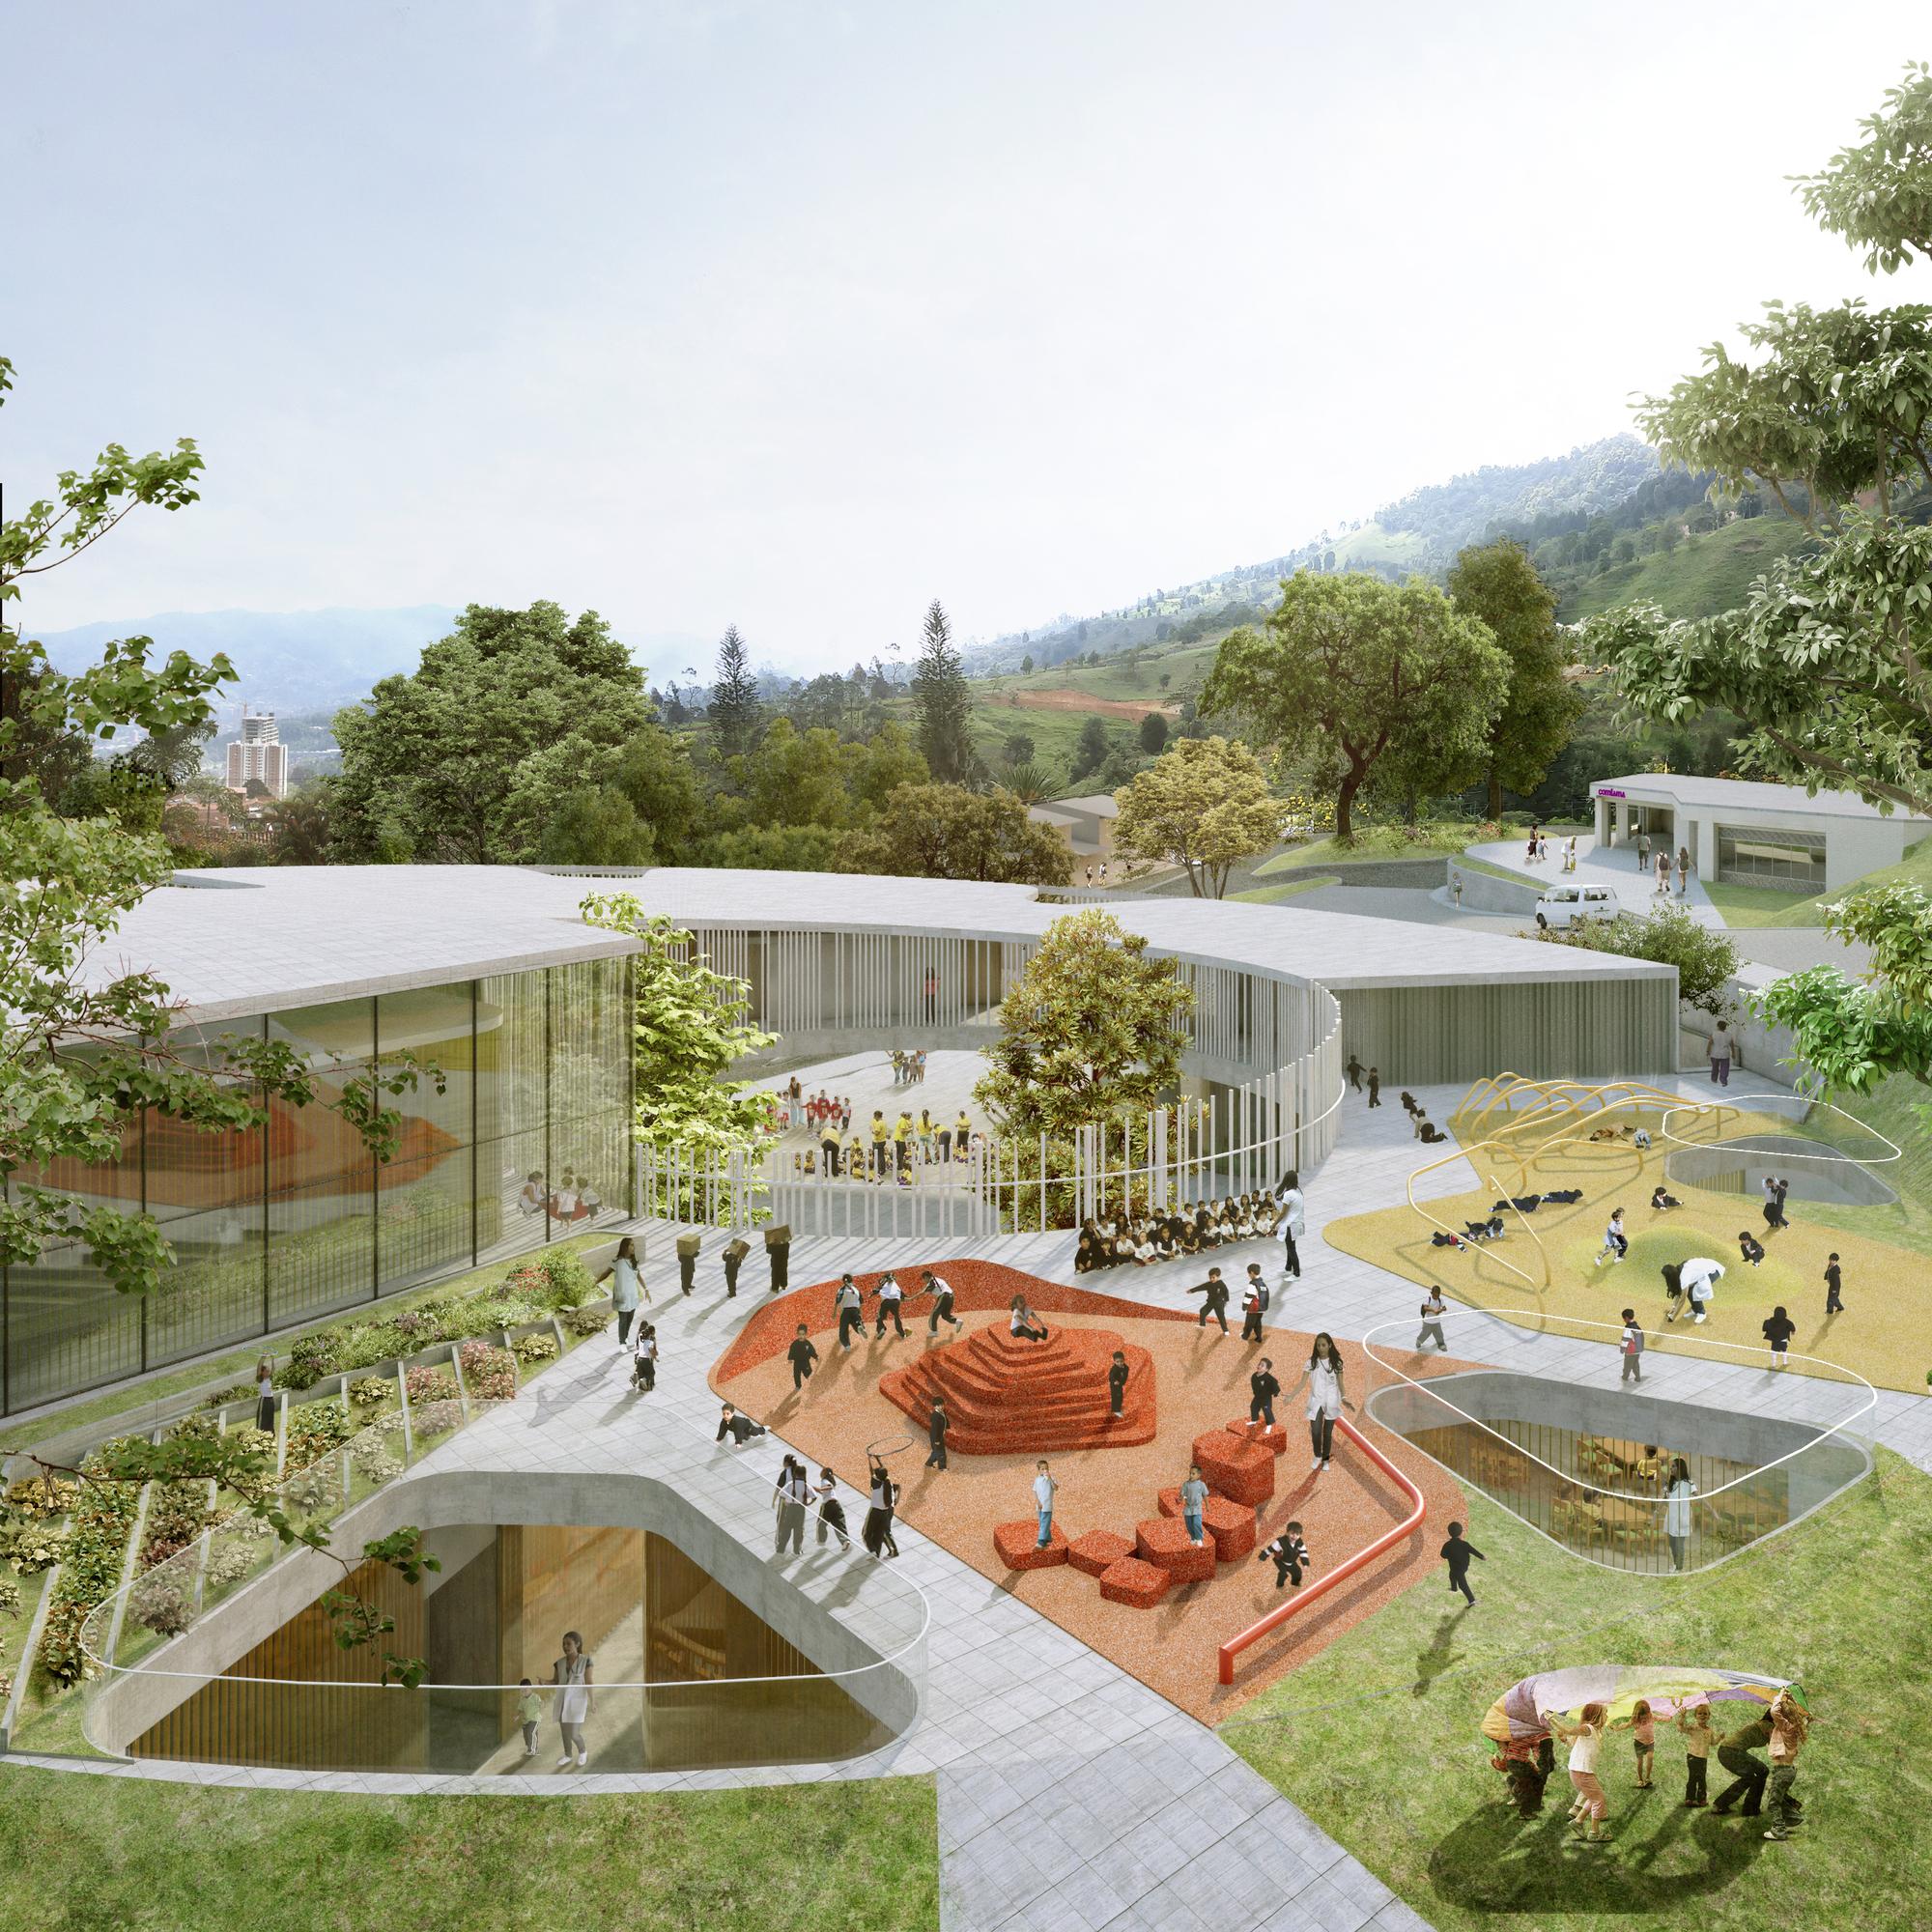 Galeria Arquitectonica: Galería De Arquitectura Y Espacio Urbano, Primer Lugar En